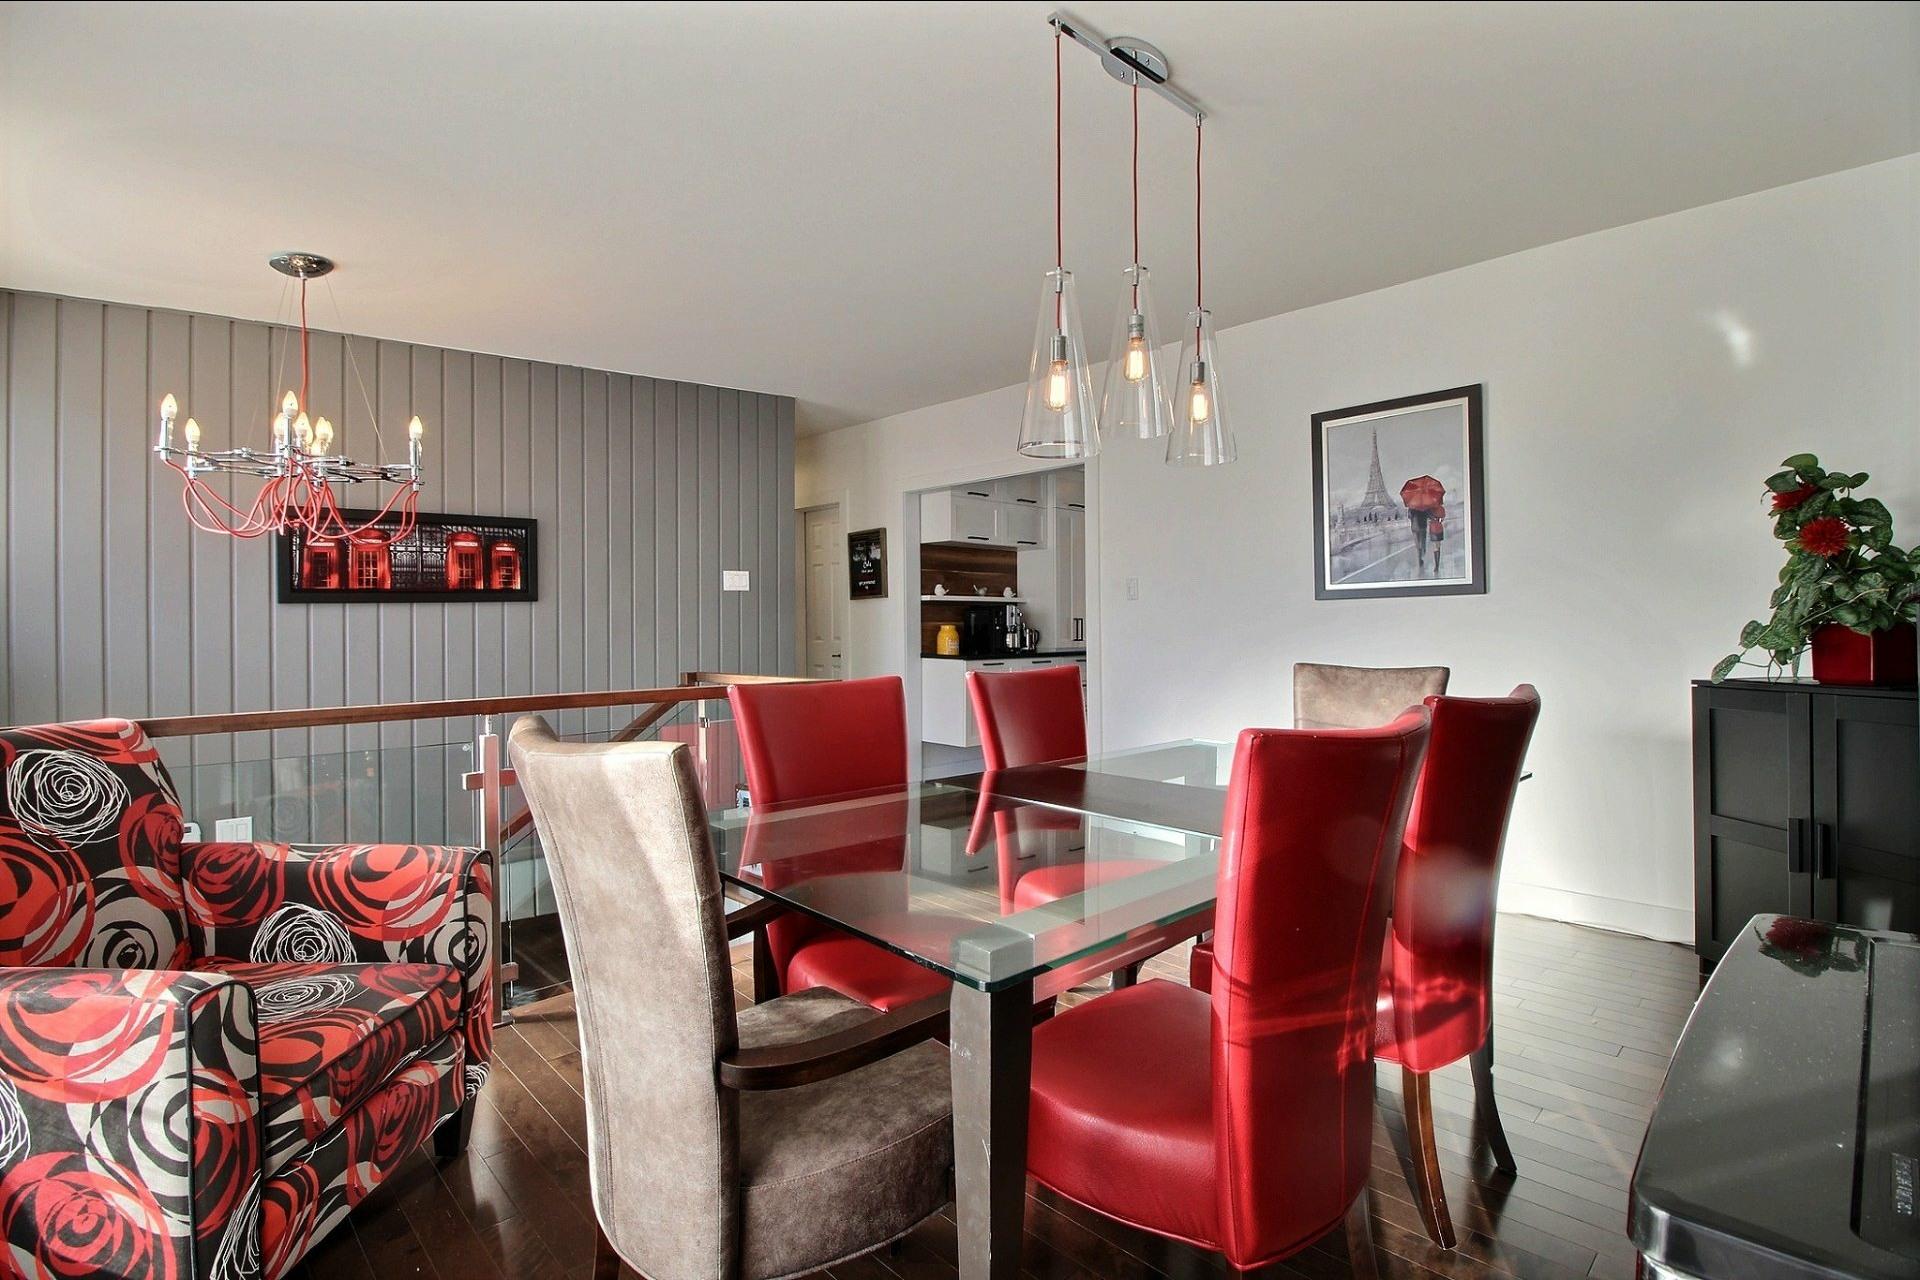 image 2 - Maison À vendre Montréal Rivière-des-Prairies/Pointe-aux-Trembles  - 11 pièces